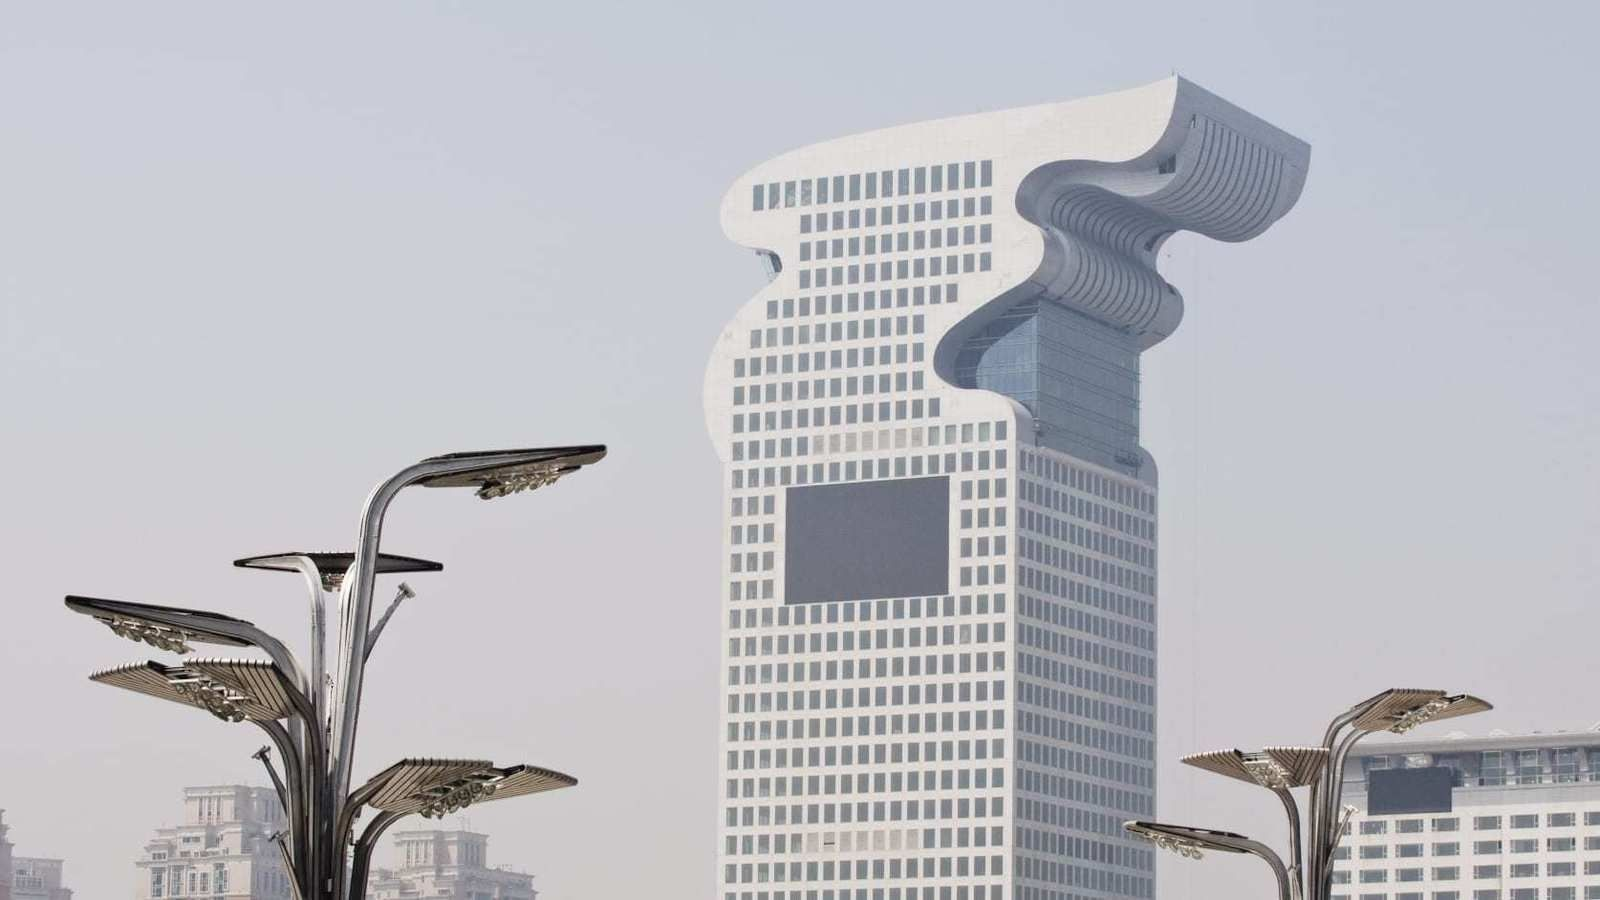 """Хятадын оргодол тэрбумтны эзэмшиж байсан """"лууны толгой"""" хэлбэртэй цамхагийг онлайнаар заржээ"""